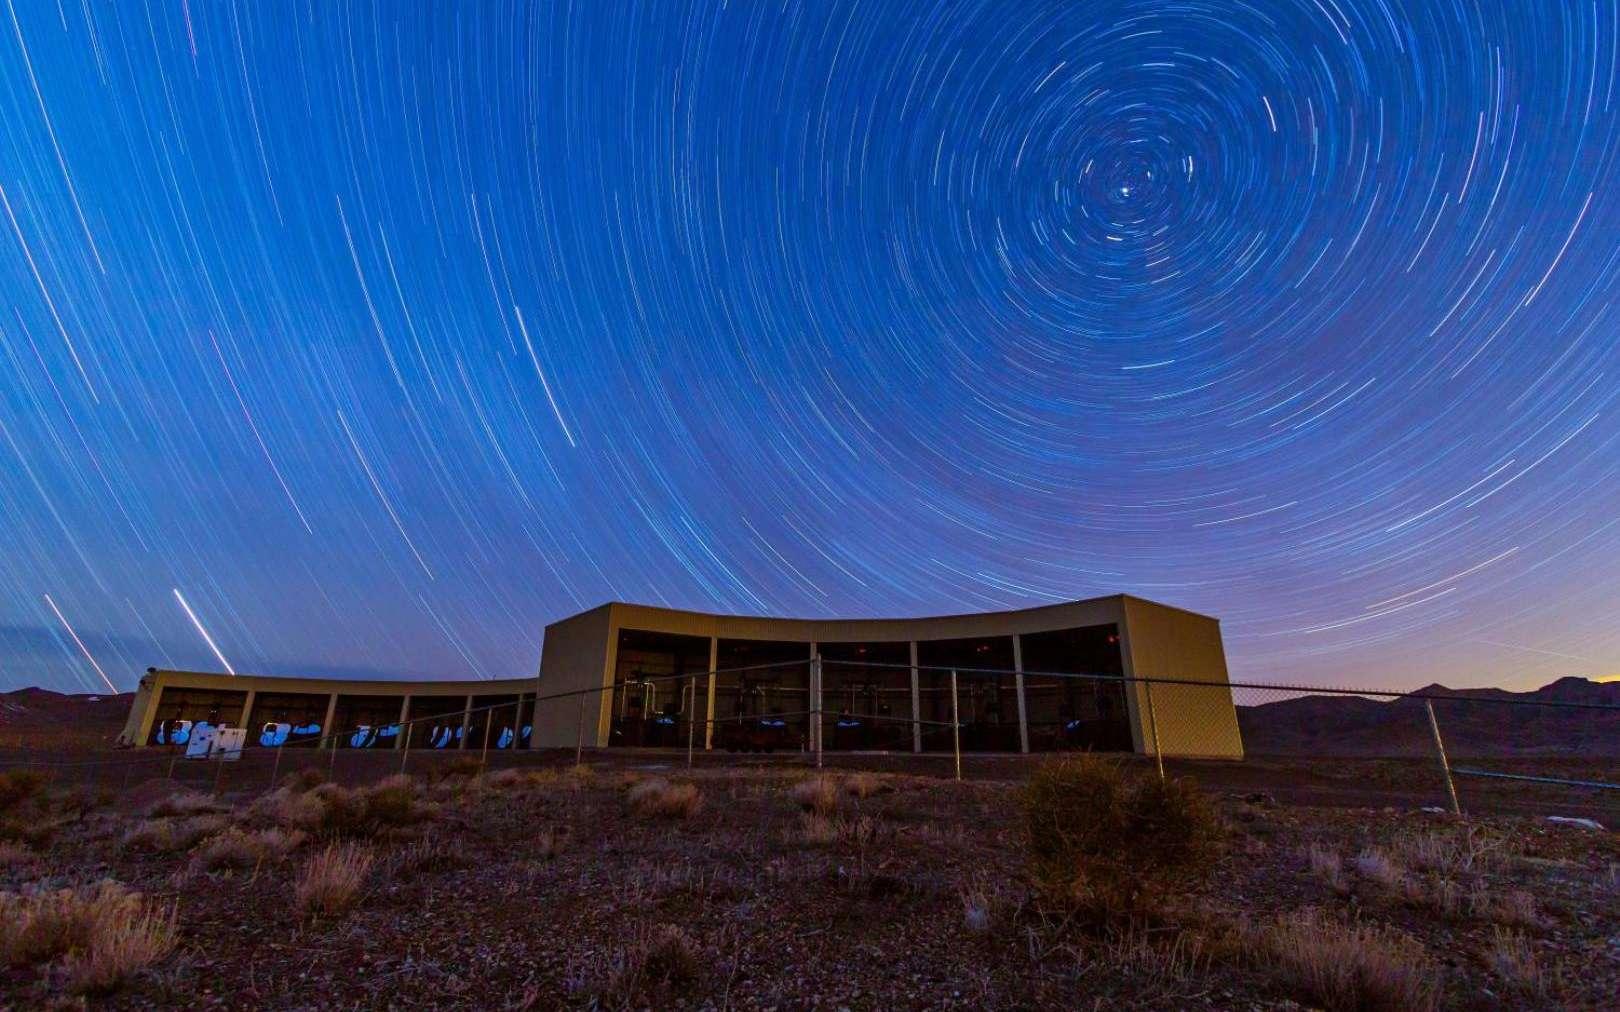 Cette photo montre la station de détection de fluorescence Middle Drum dans le vaste observatoire de rayons cosmiques du Telescope Array dans l'Utah. L'observatoire actuel comprend trois de ces stations de télescopes, qui contiennent des miroirs pour détecter de faibles éclairs bleus dans le ciel lorsqu'un rayon cosmique entrant frappe des noyaux dans l'atmosphère. Les instruments sont utilisés par des scientifiques du Japon, de l'Université de l'Utah et de plusieurs autres pays pour déterminer la source mystérieuse des particules les plus puissantes de l'univers, les rayons cosmiques à très haute énergie. © Ben Stokes, Université de l'Utah